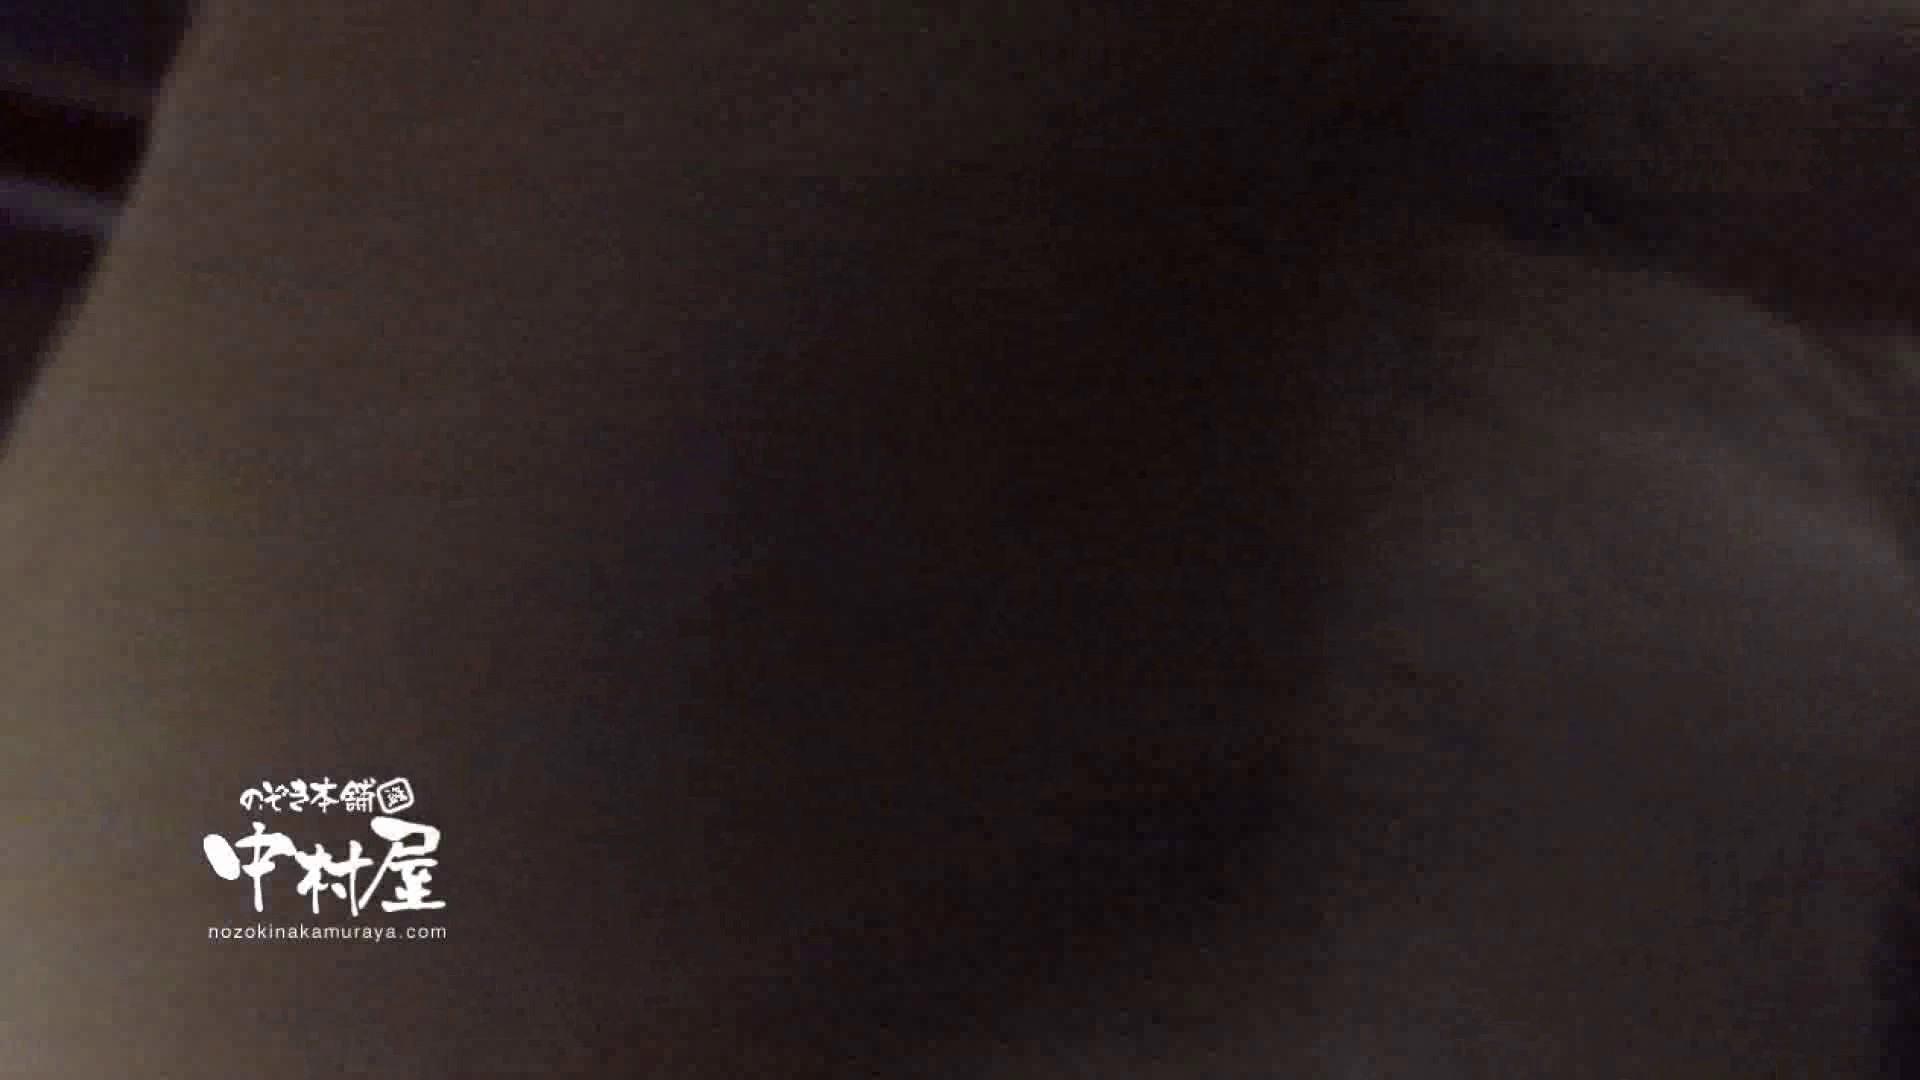 鬼畜 vol.10 あぁ無情…中出しパイパン! 前編 パイパン女子 | 中出し  107画像 51